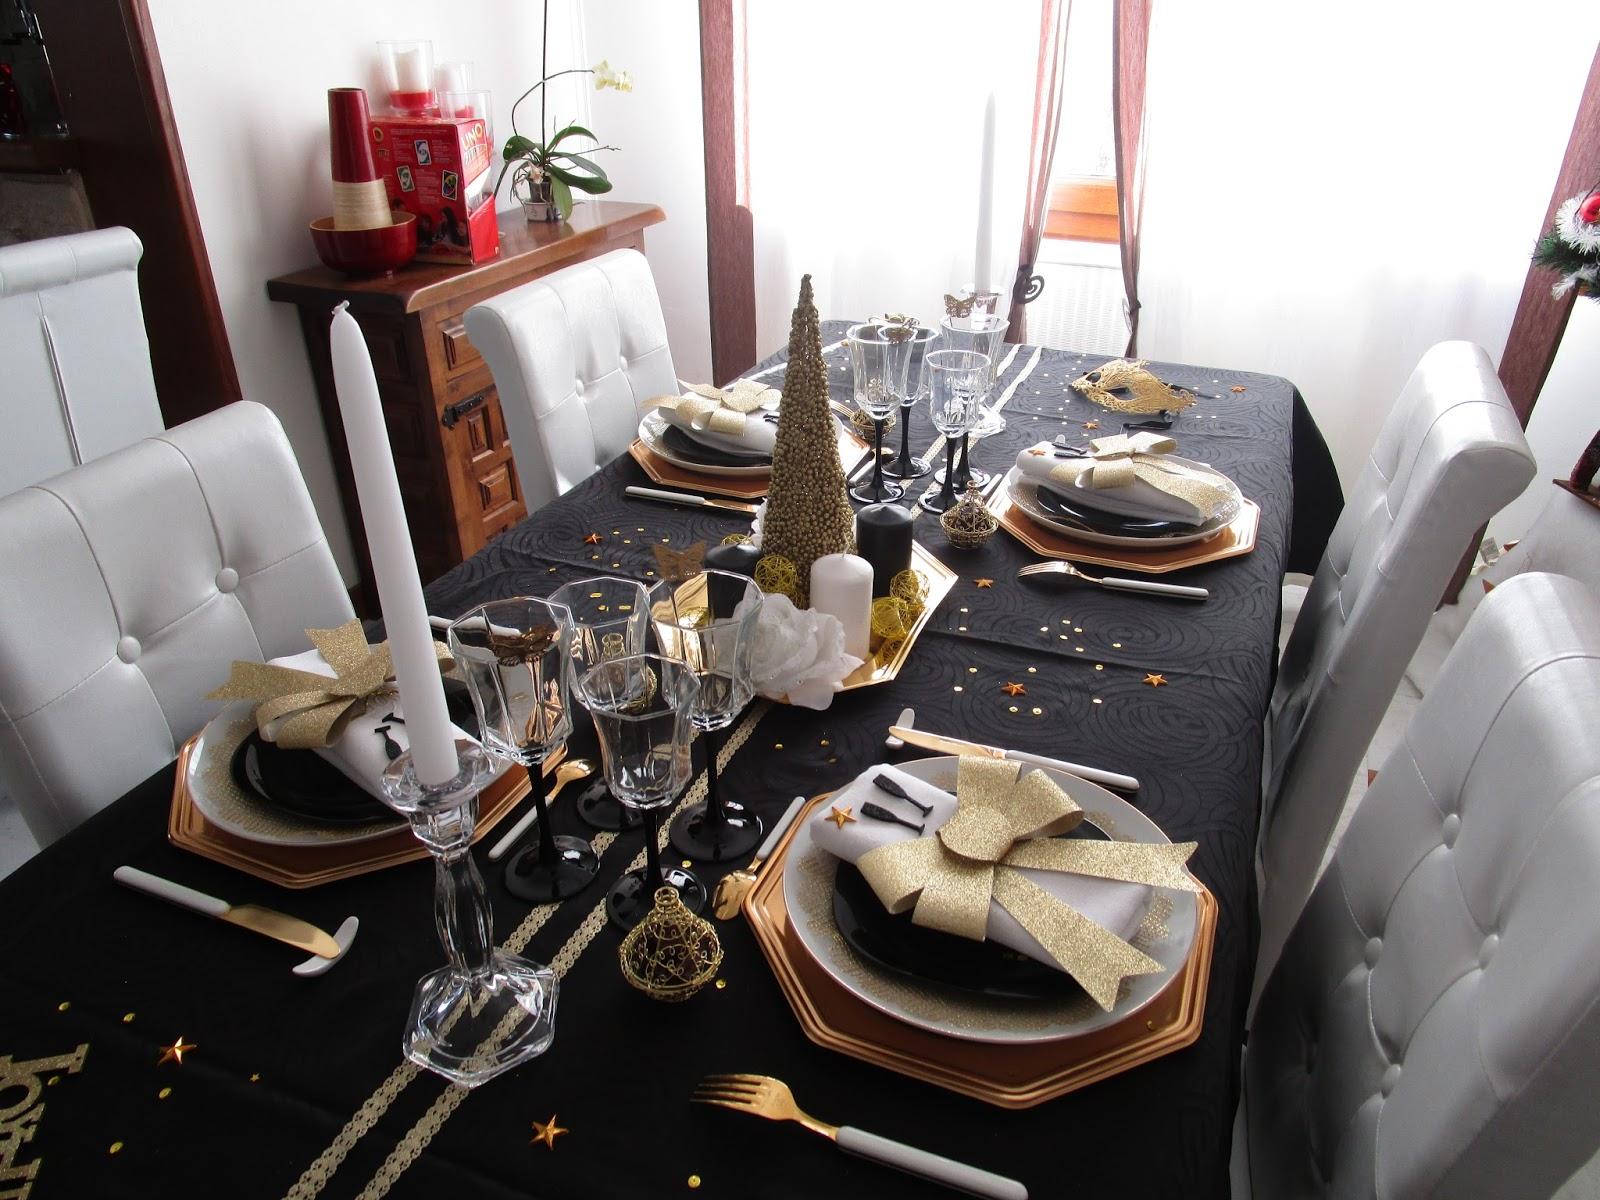 Nouvel an 2016 en noir et or d co de table th mes - Decoration de table nouvel an ...